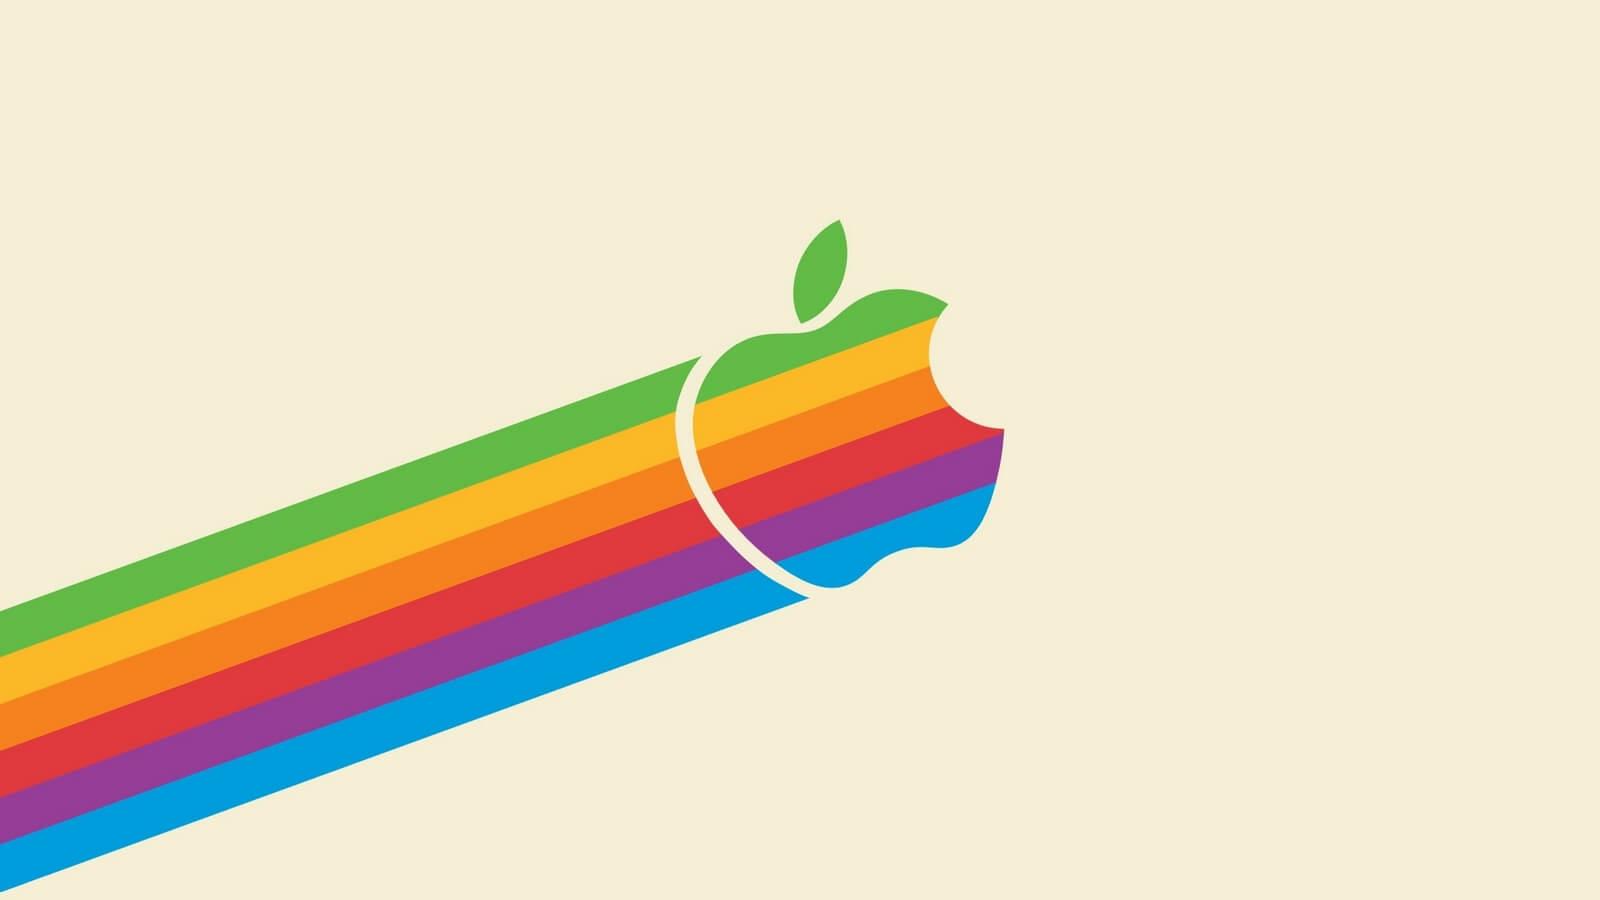 #Видео: Как Apple высмеивала своих конкурентов 20 лет назад